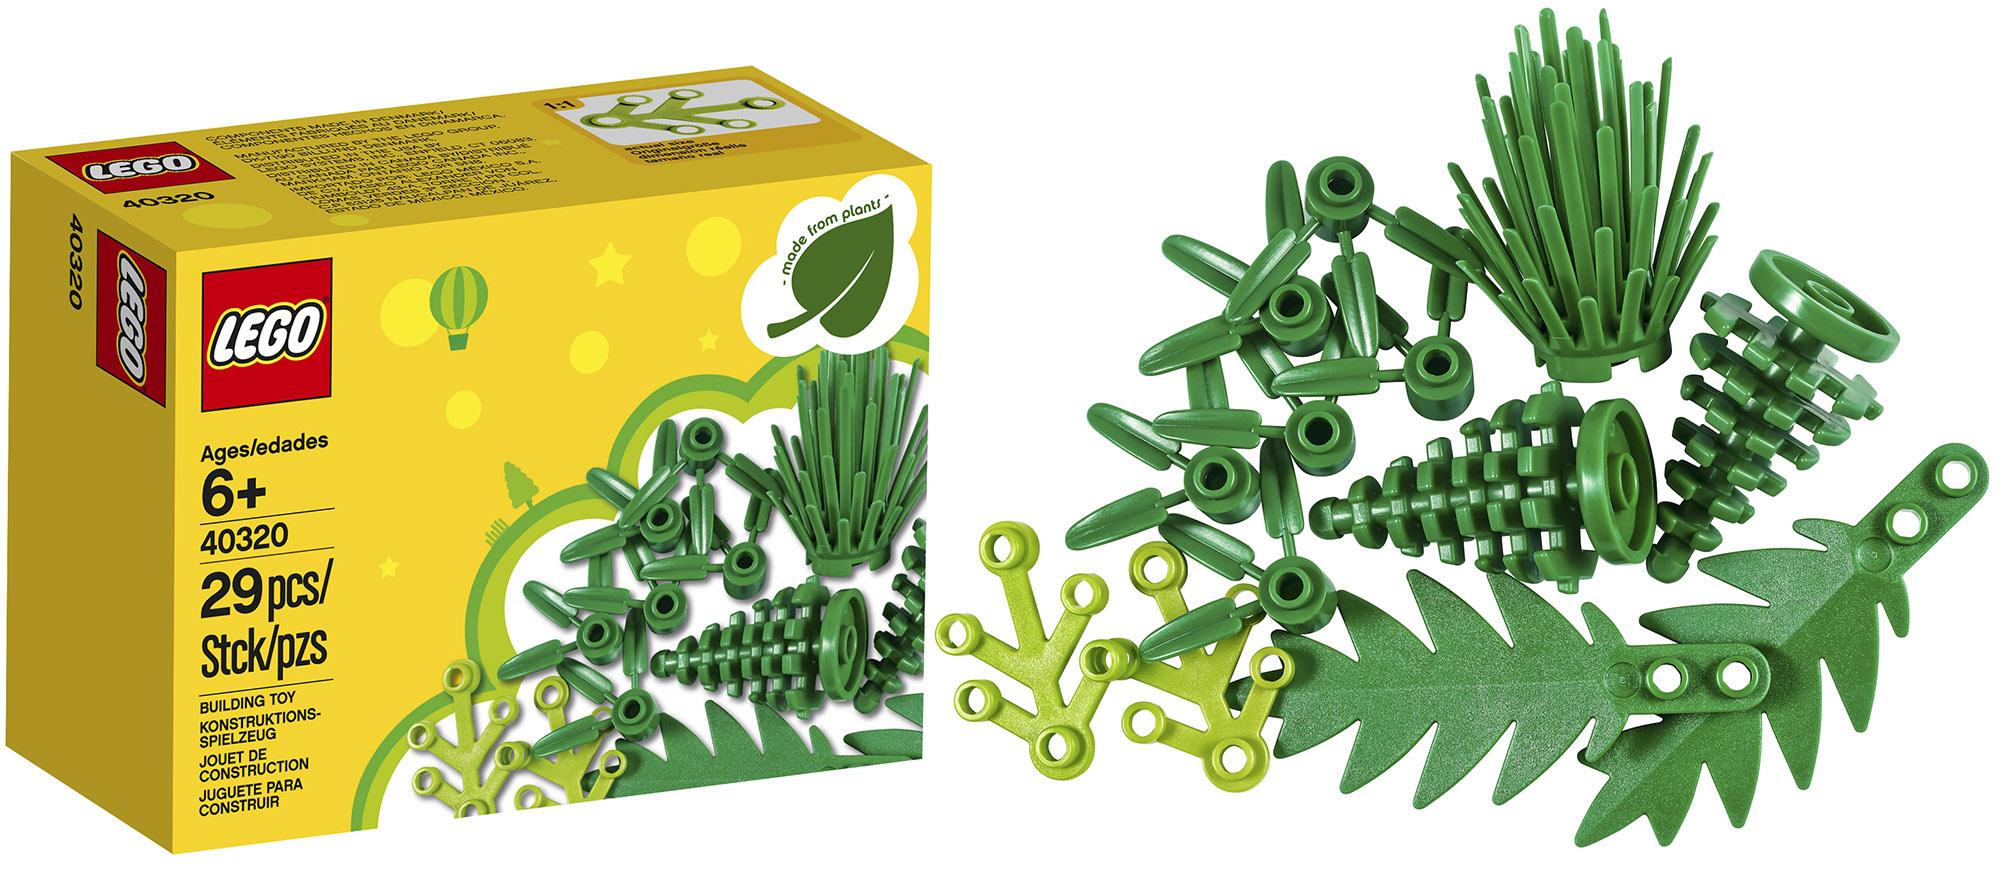 lego-box-hemp-LEGOLIZE